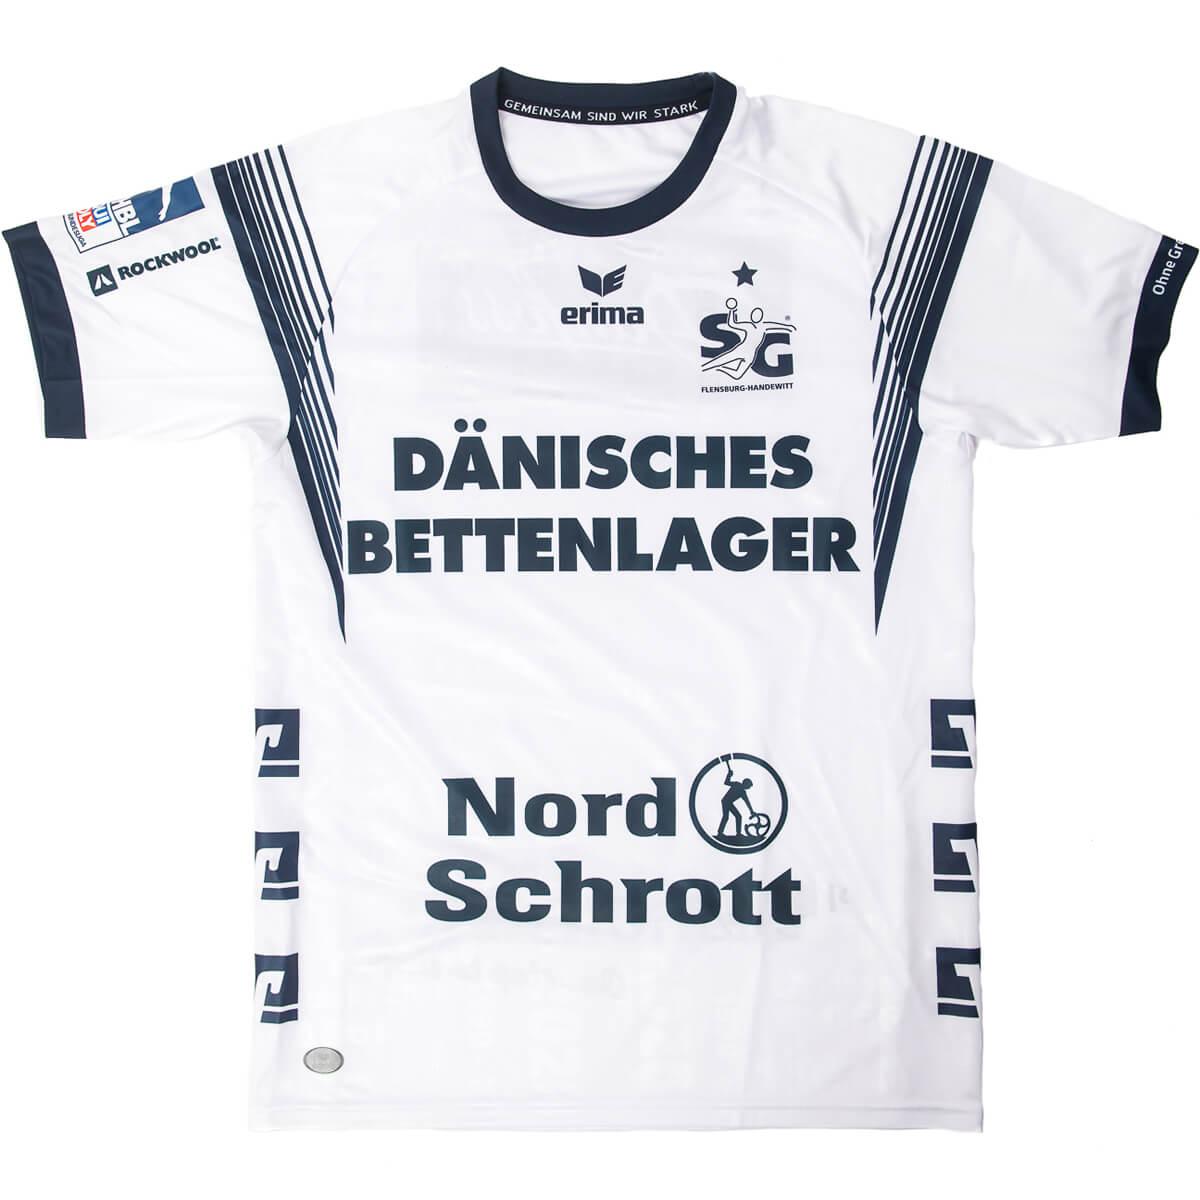 Erima SG Flensburg-Handewitt 20/21 Håndboldtrøje Børn